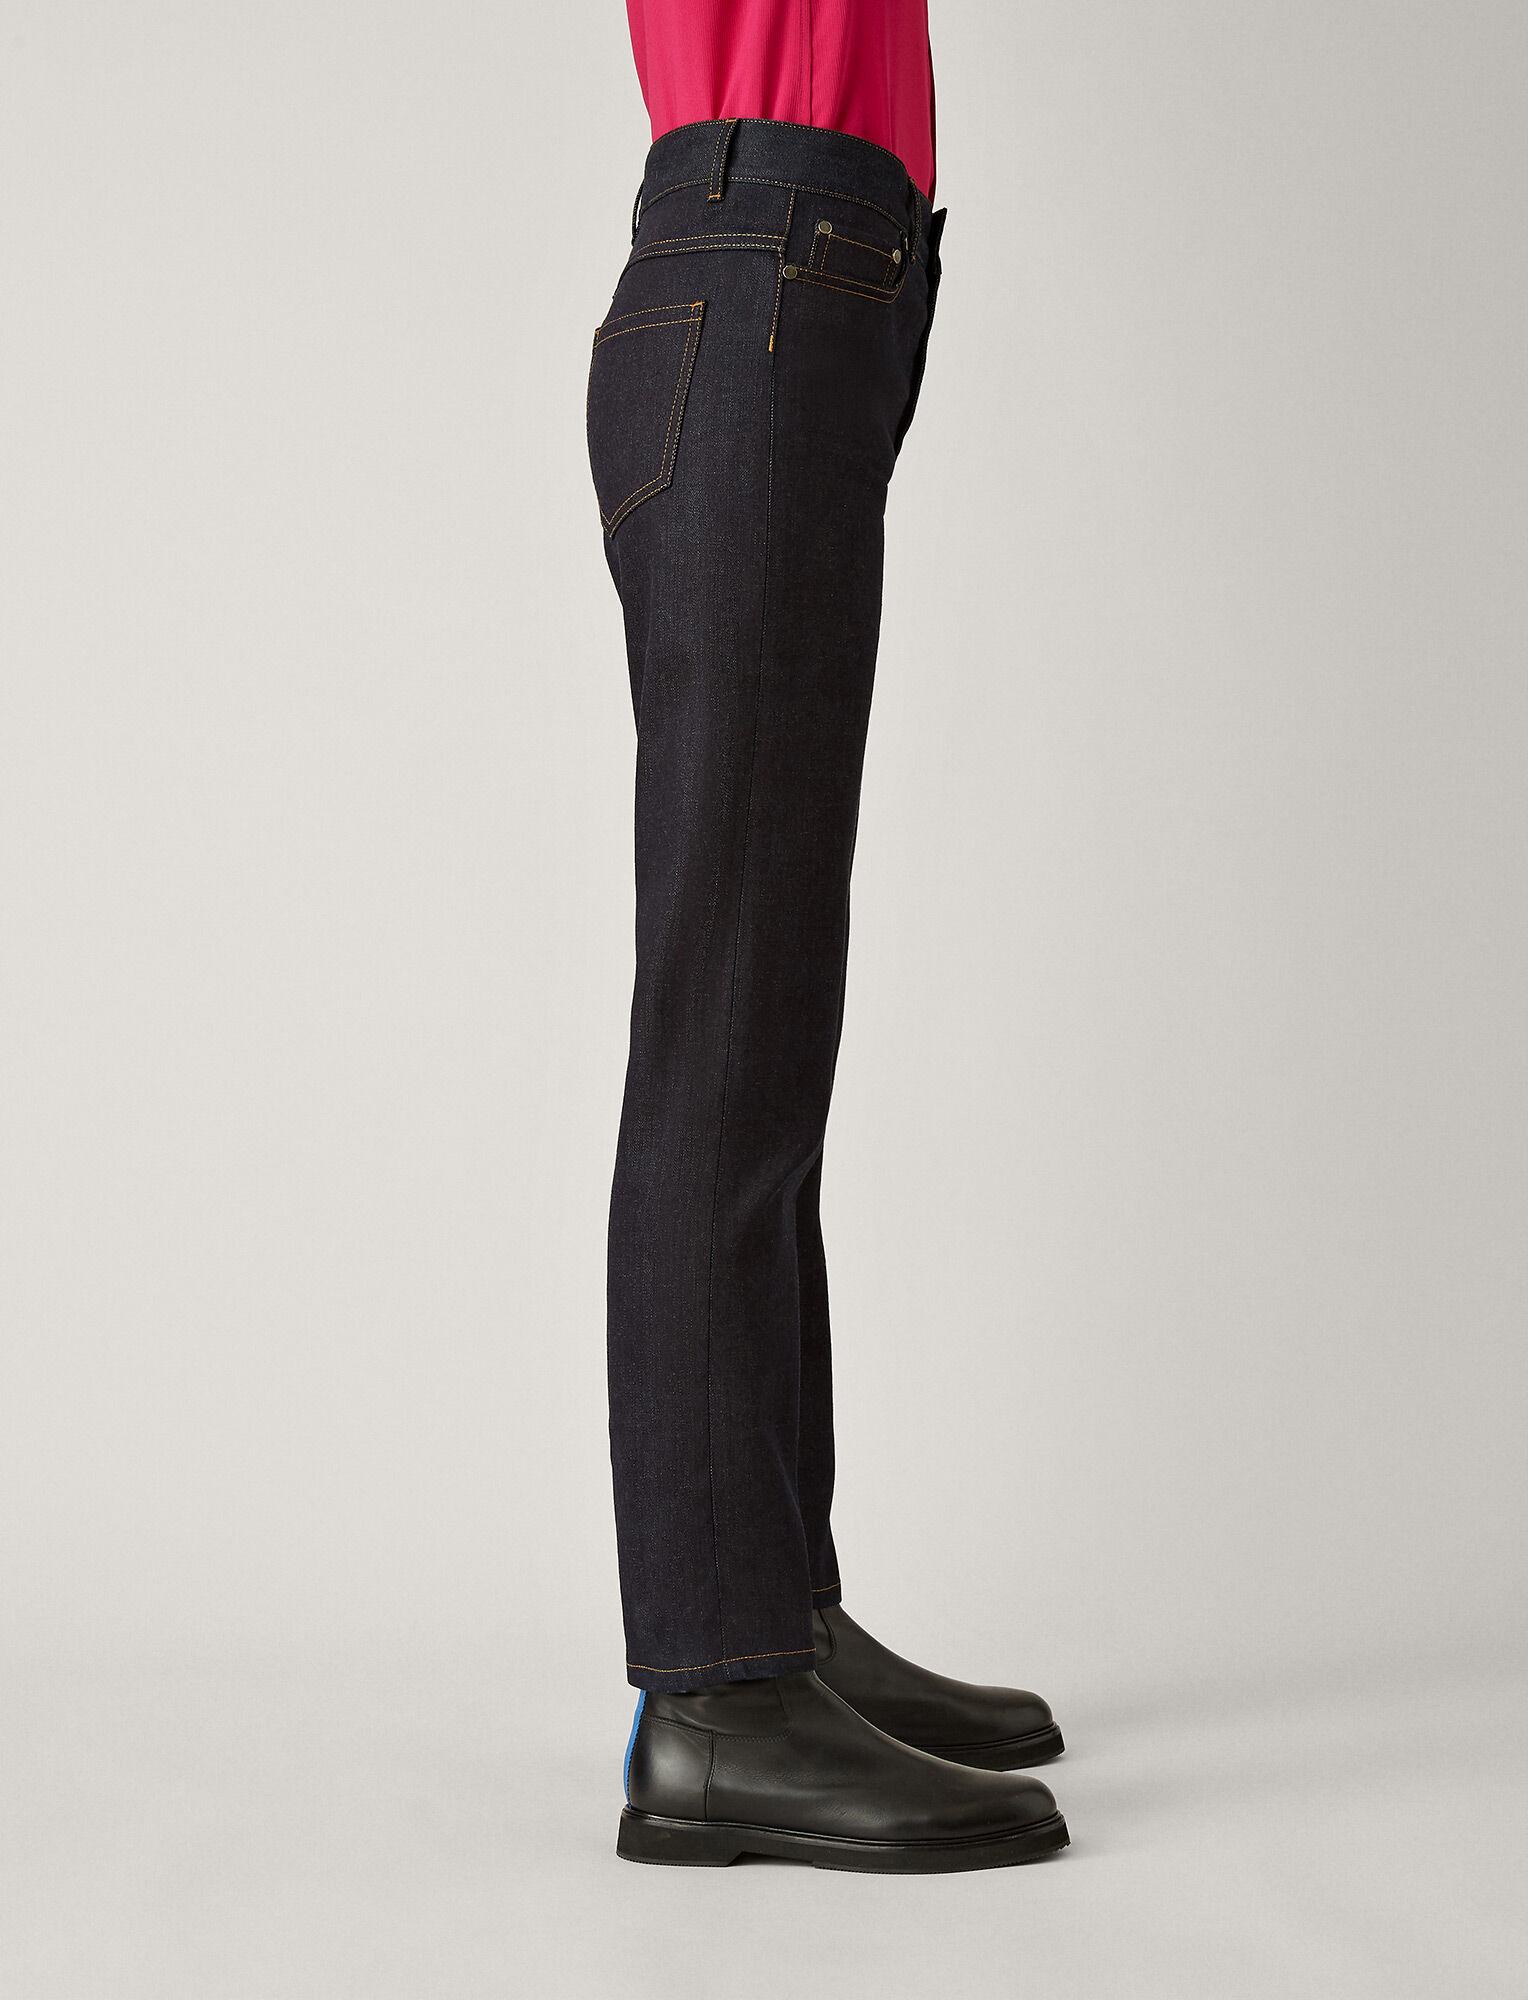 Joseph, Den Denim Stretch Trousers, in PURE INDIGO